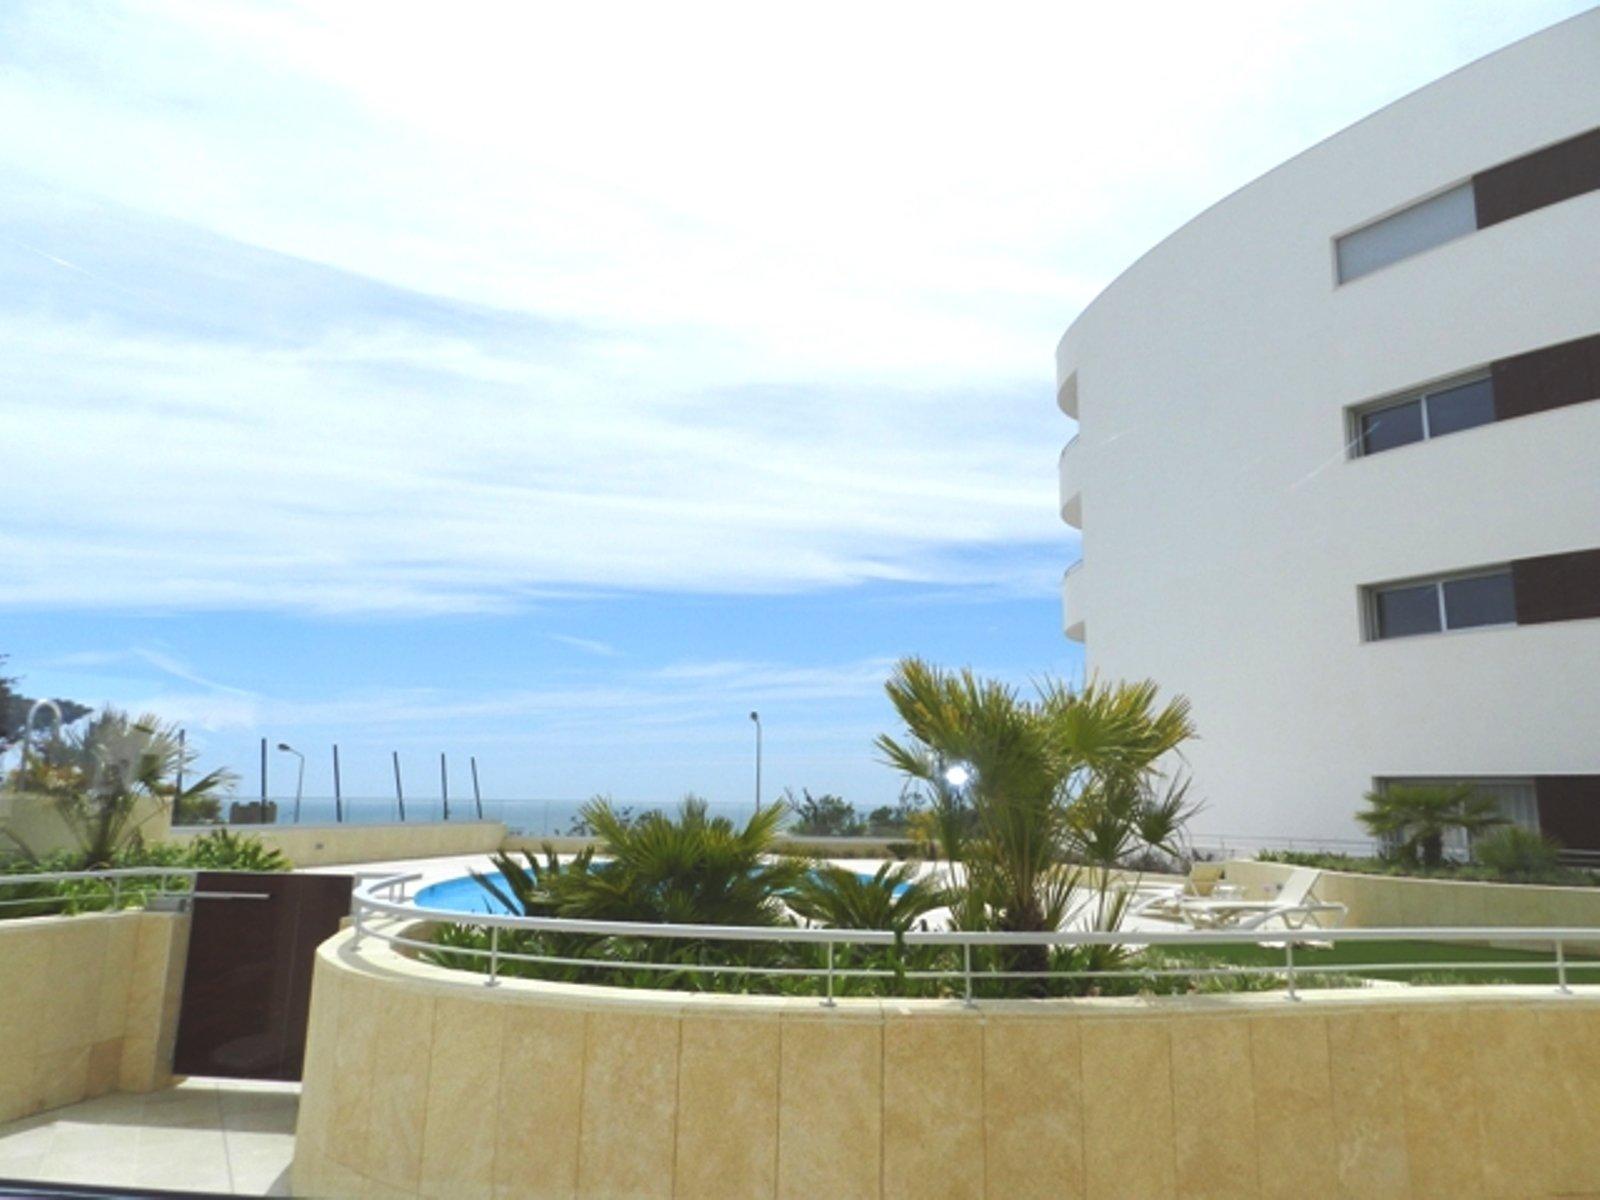 2 Bedroom Apartment Lagos, Western Algarve Ref: GA309